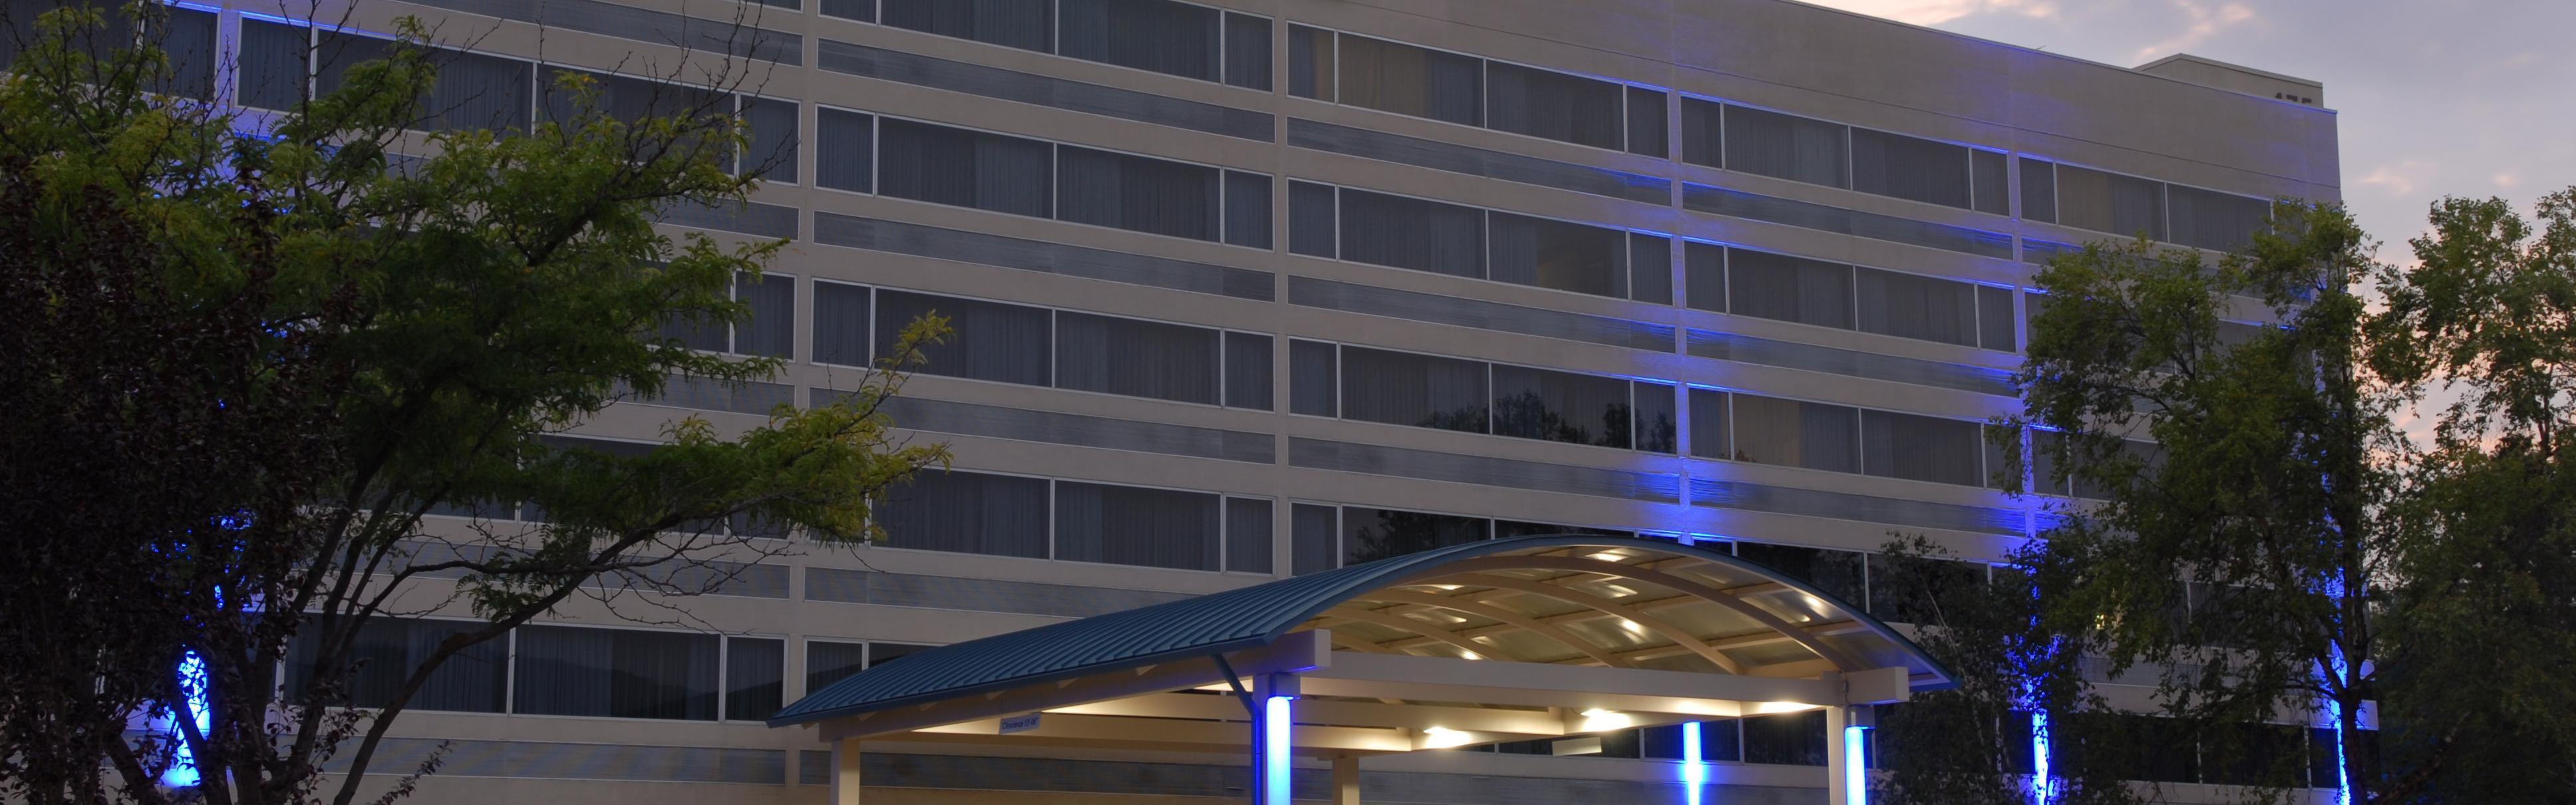 Holiday Inn Express Boise-University Area image 0